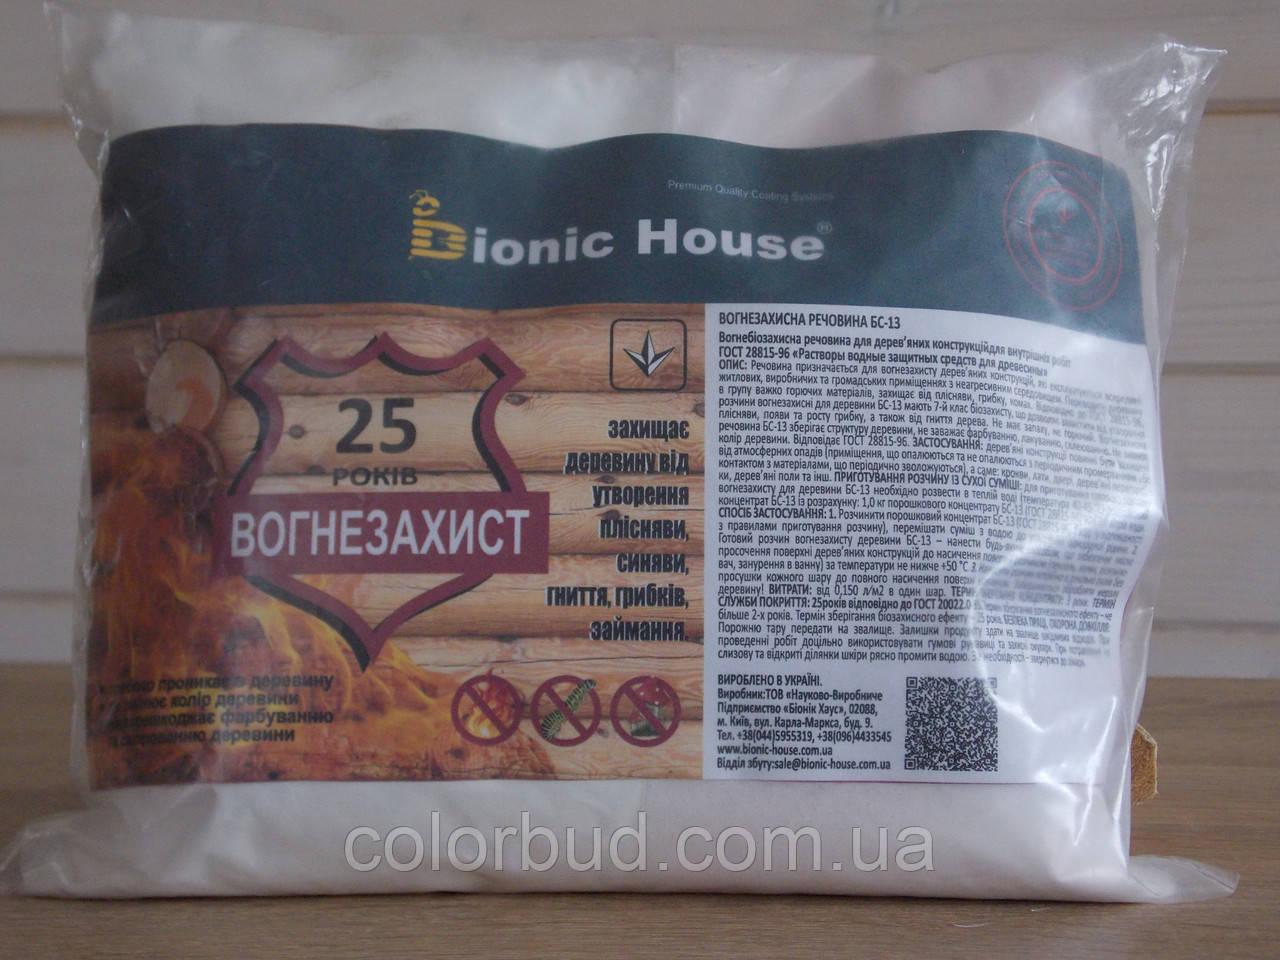 Огнезащитный состав для деревянных конструкций БС-13 ГОСТ Бионик Хаус 1 кг  - КолорБуд в Харькове